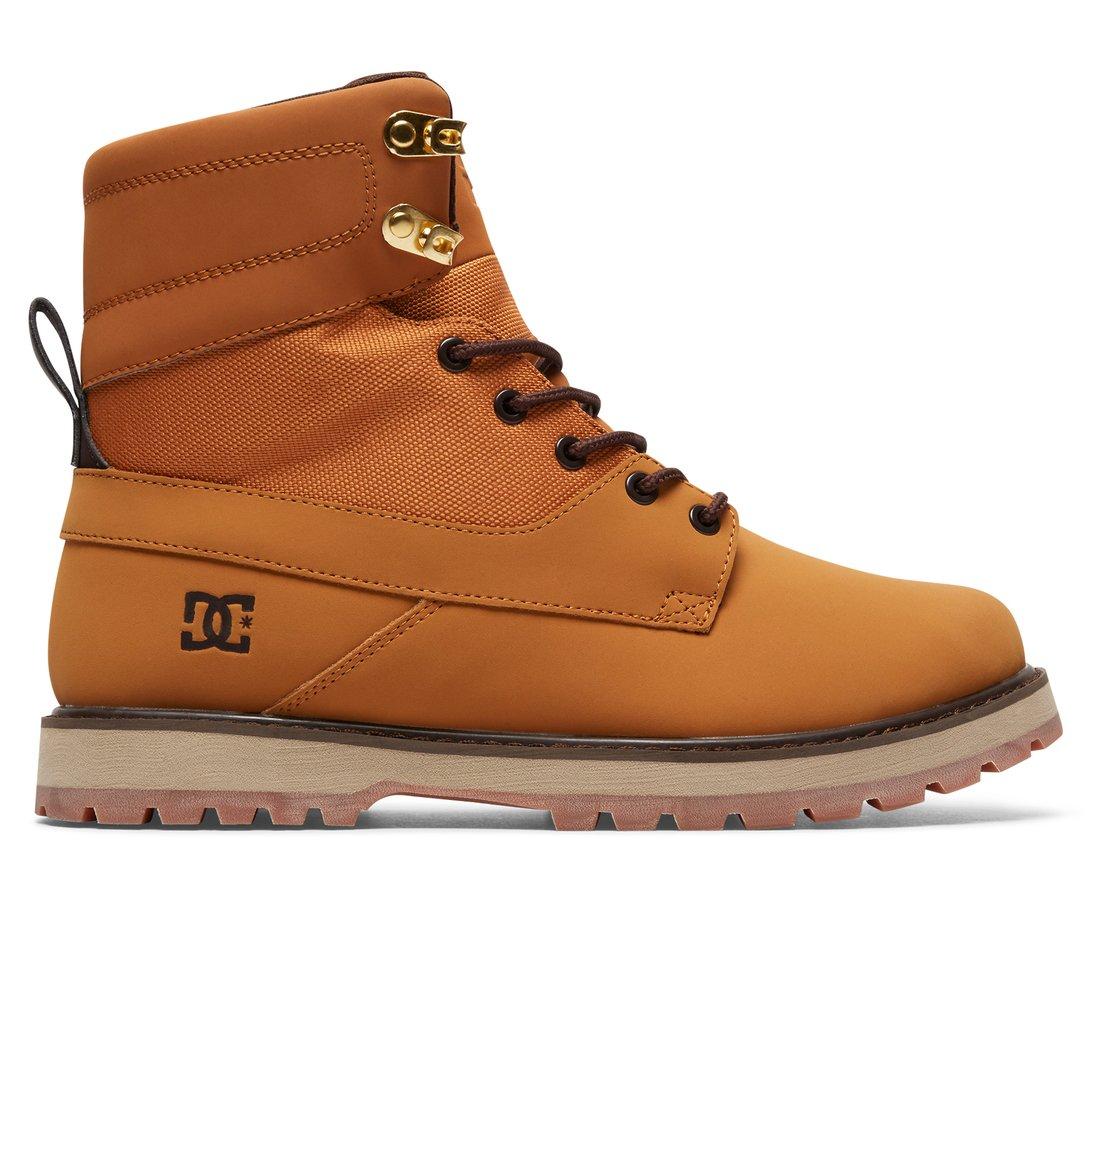 Dc Shoes Homme A Motif Militaire